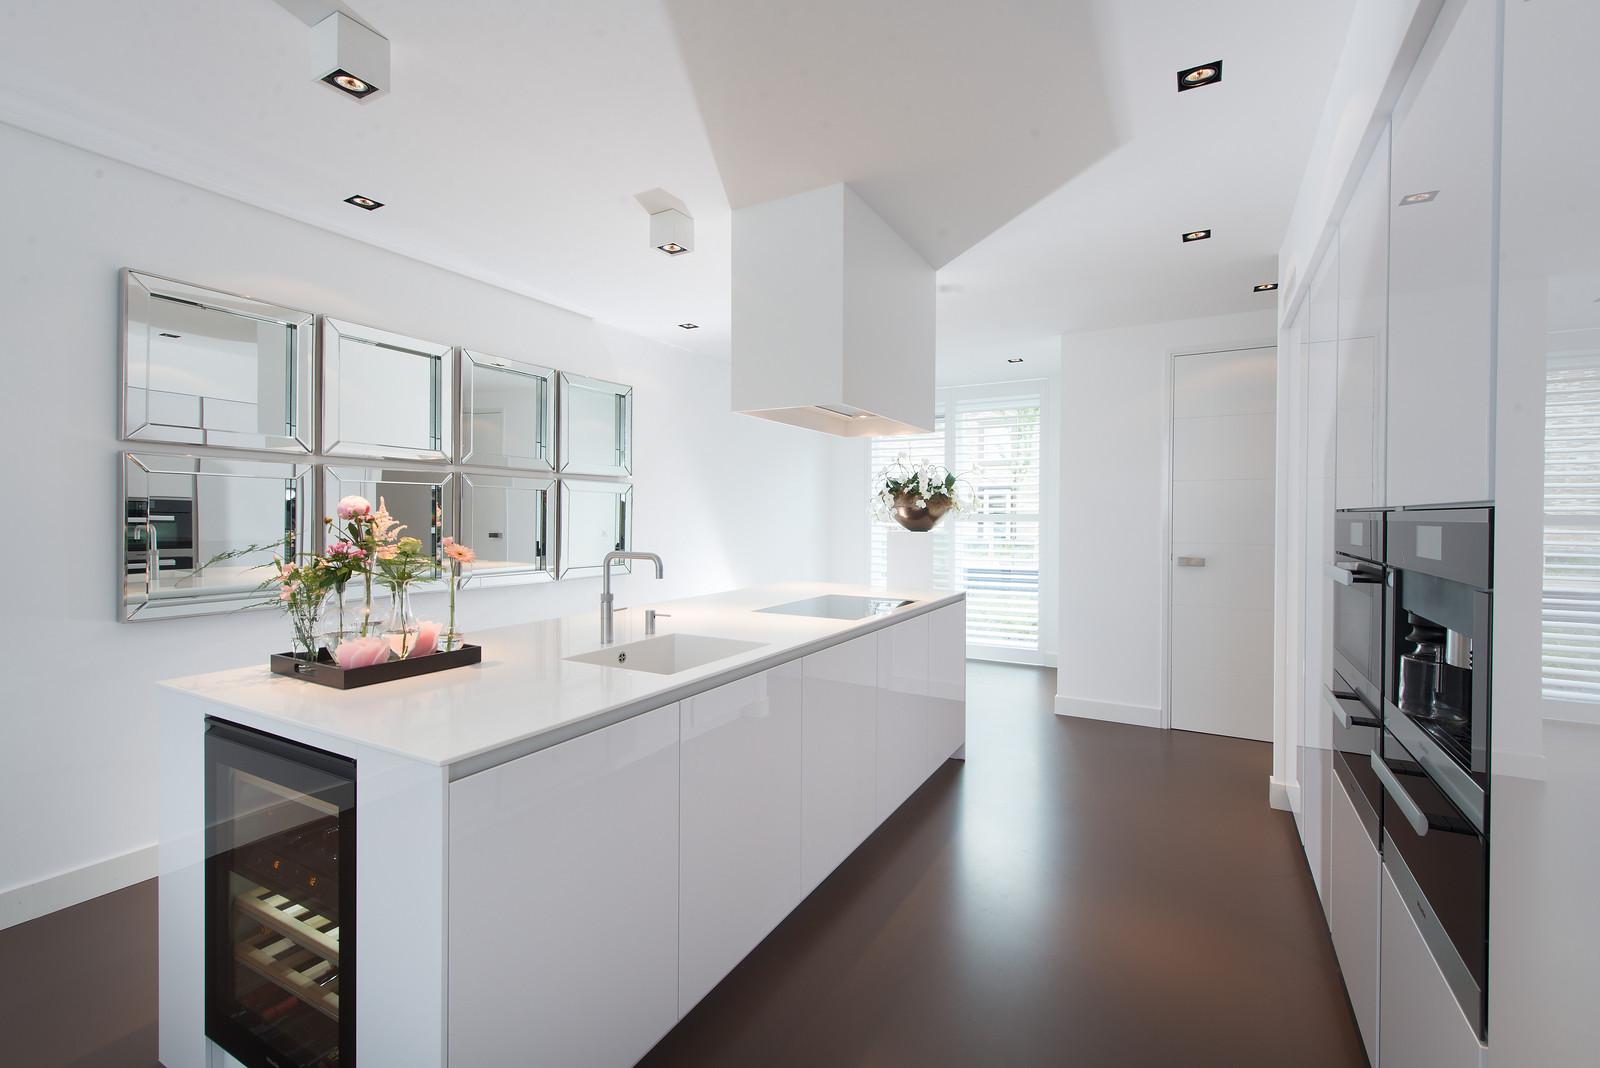 Binnenkijken bij italiaanse design keuken nieuws startpagina voor keuken idee n uw for Design keukens